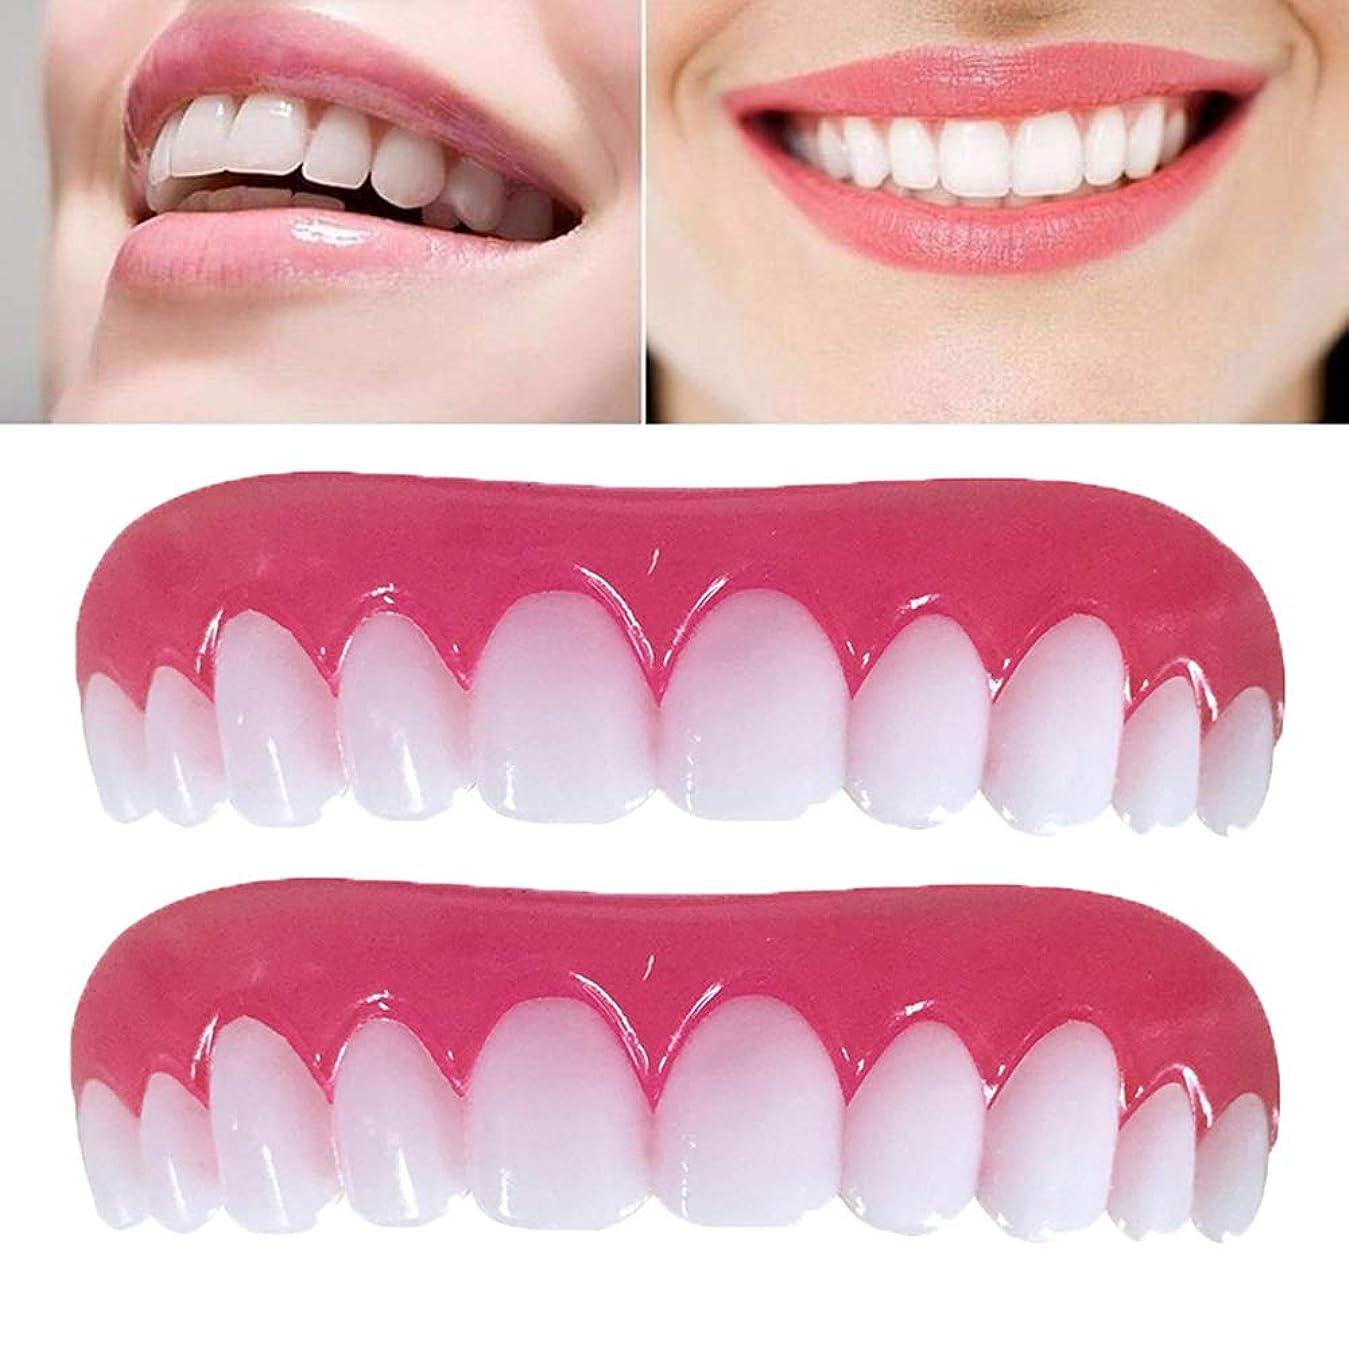 背の高い硬いサイレント2枚の一時的な化粧品の歯の入れ歯、歯と化粧品、シミュレートされたアッパーカフ、ホワイトニングの歯、スナップキャップ、インスタントの快適さ、ソフトで完璧なベニア